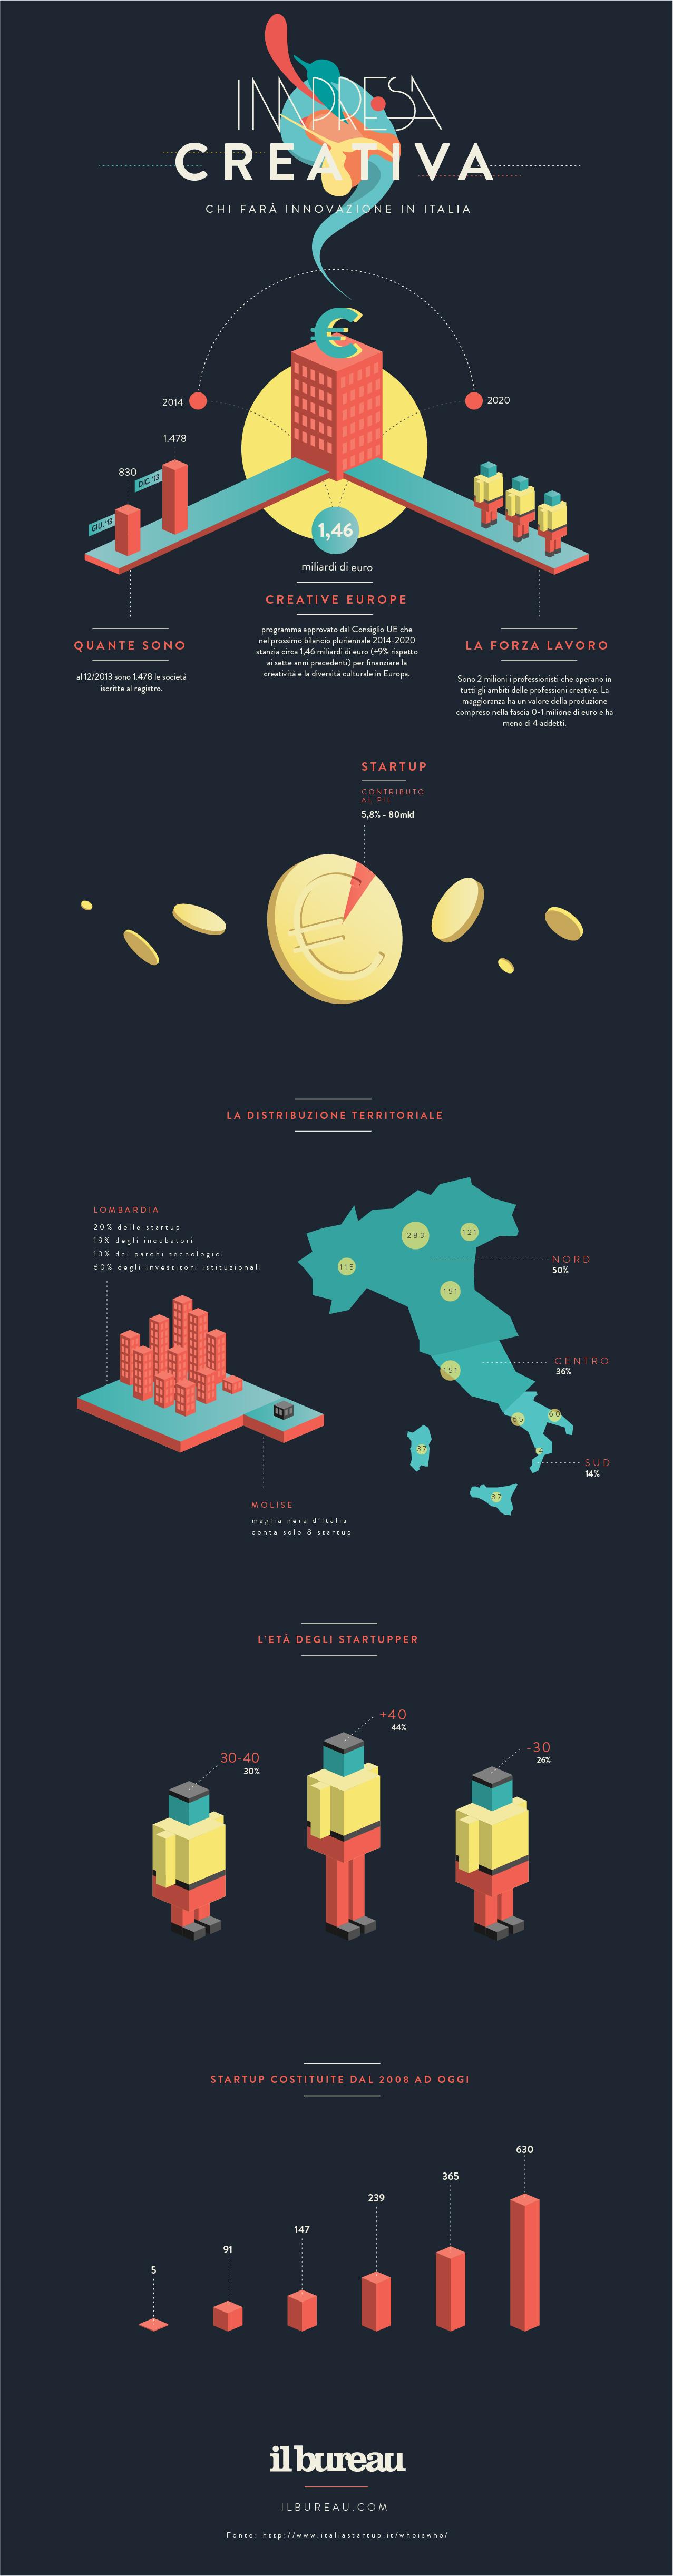 infografica - Impresa creativa